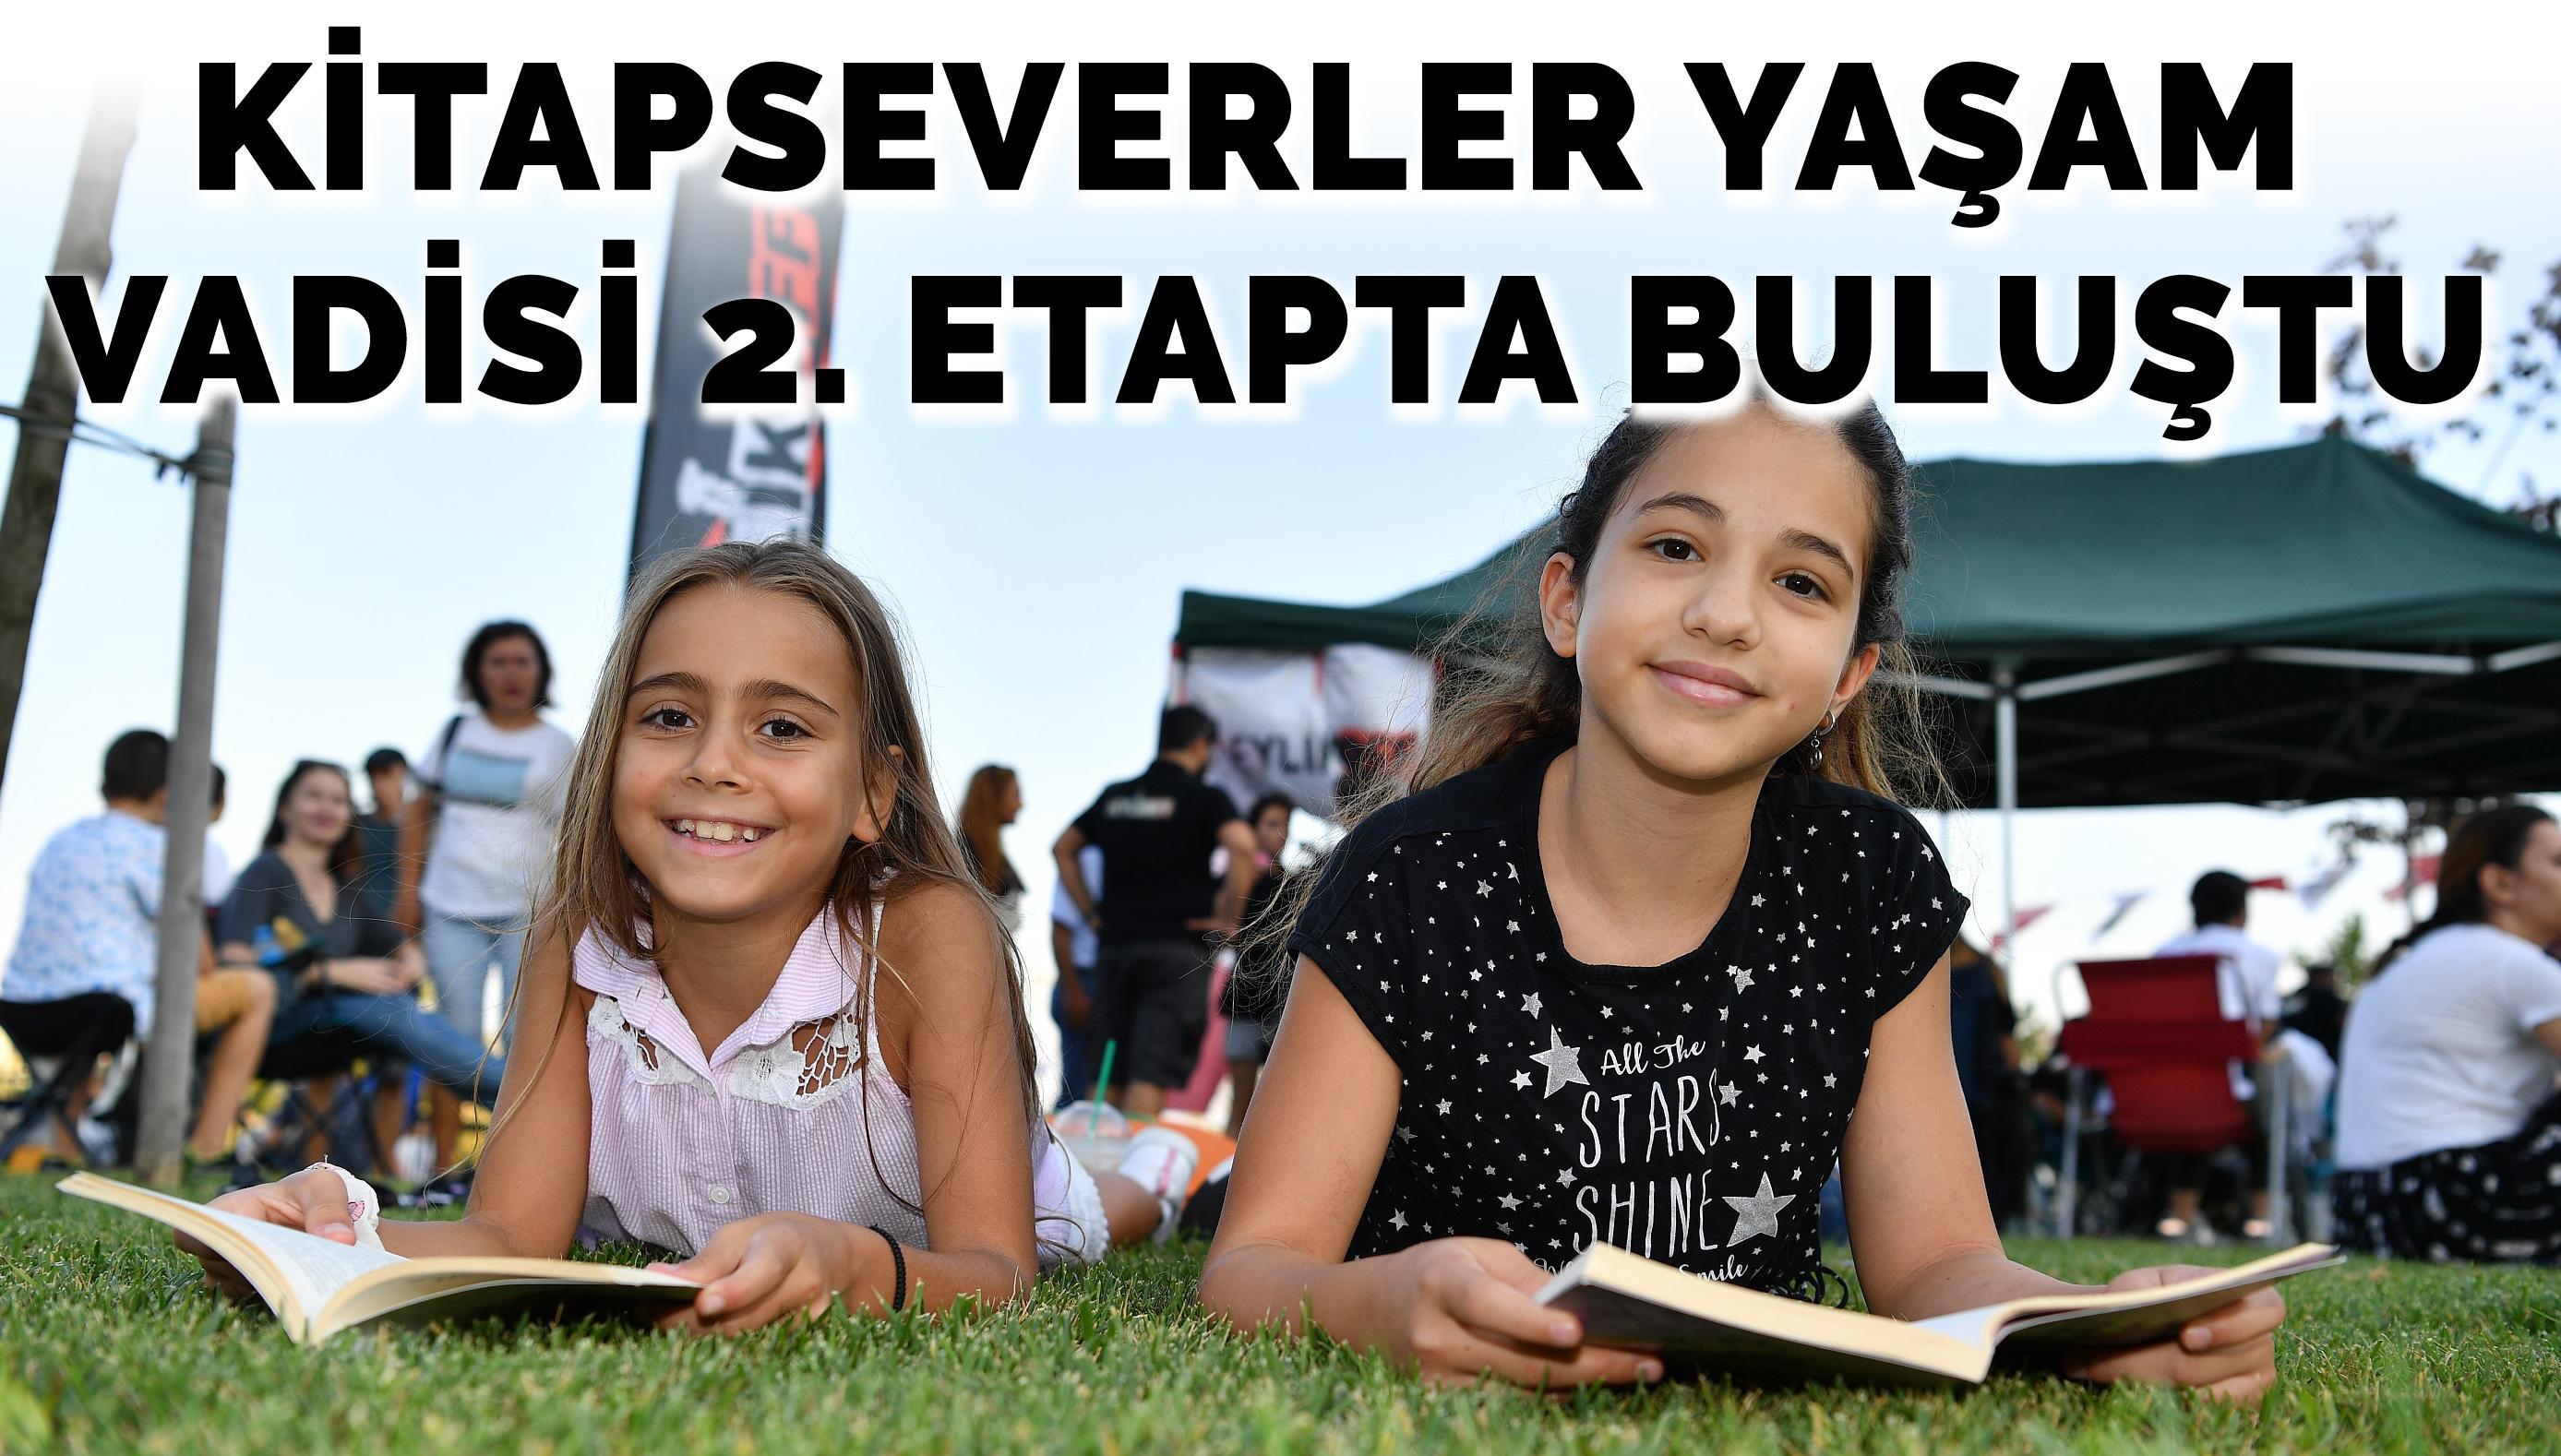 KİTAPSEVERLER YAŞAM VADİSİ 2. ETAPTA BULUŞTU